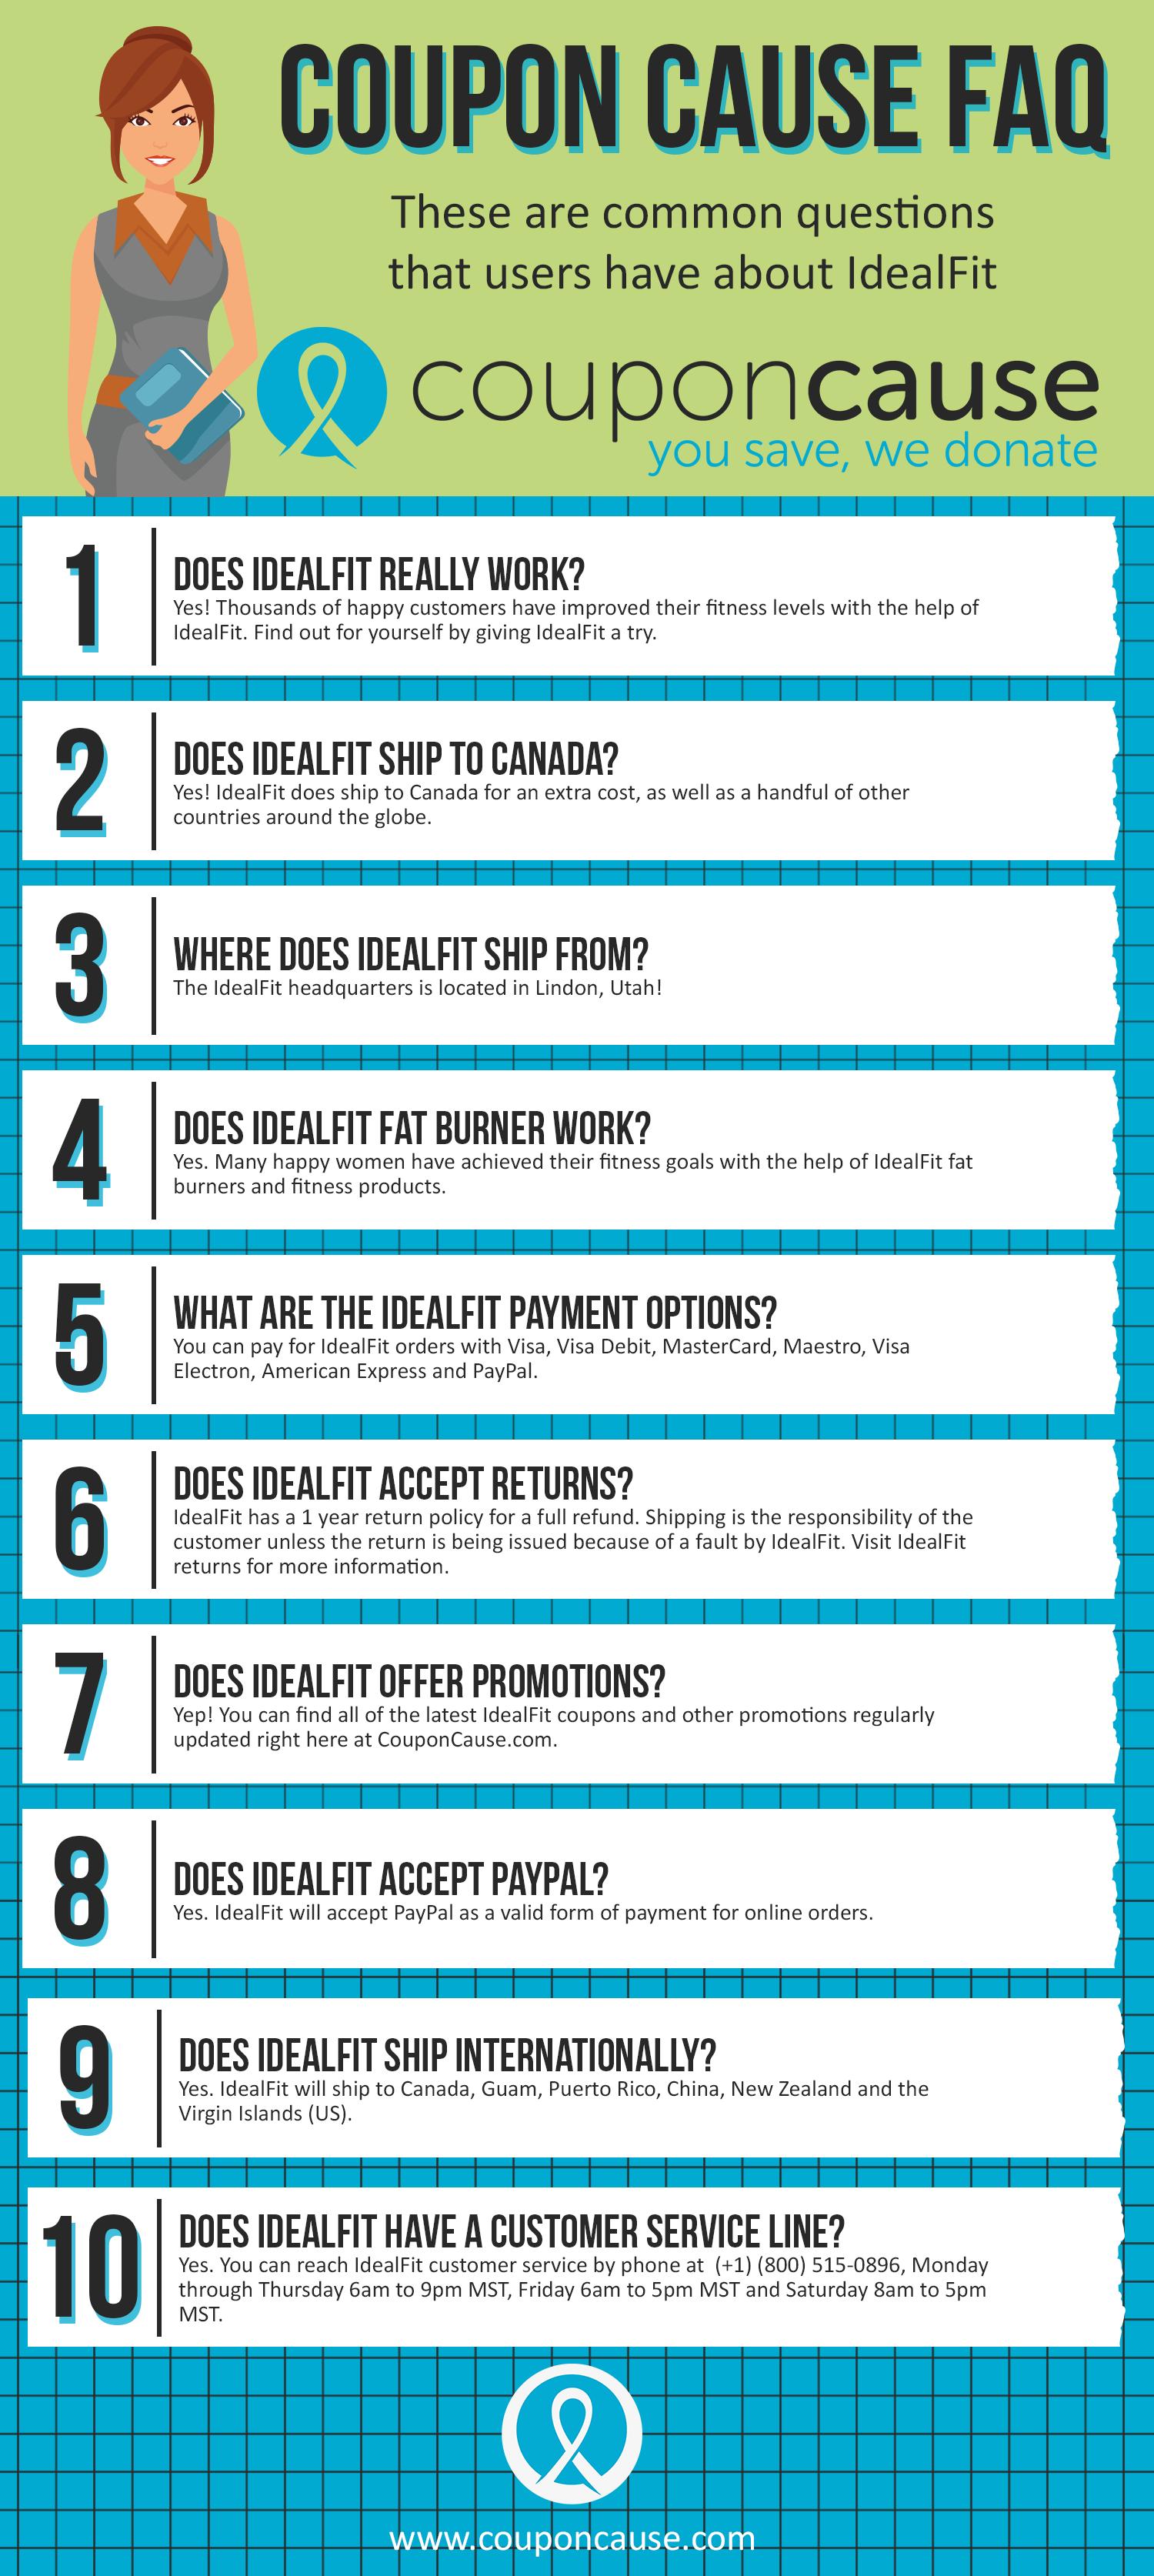 IdealFit Cause FAQ (C.C. FAQ)